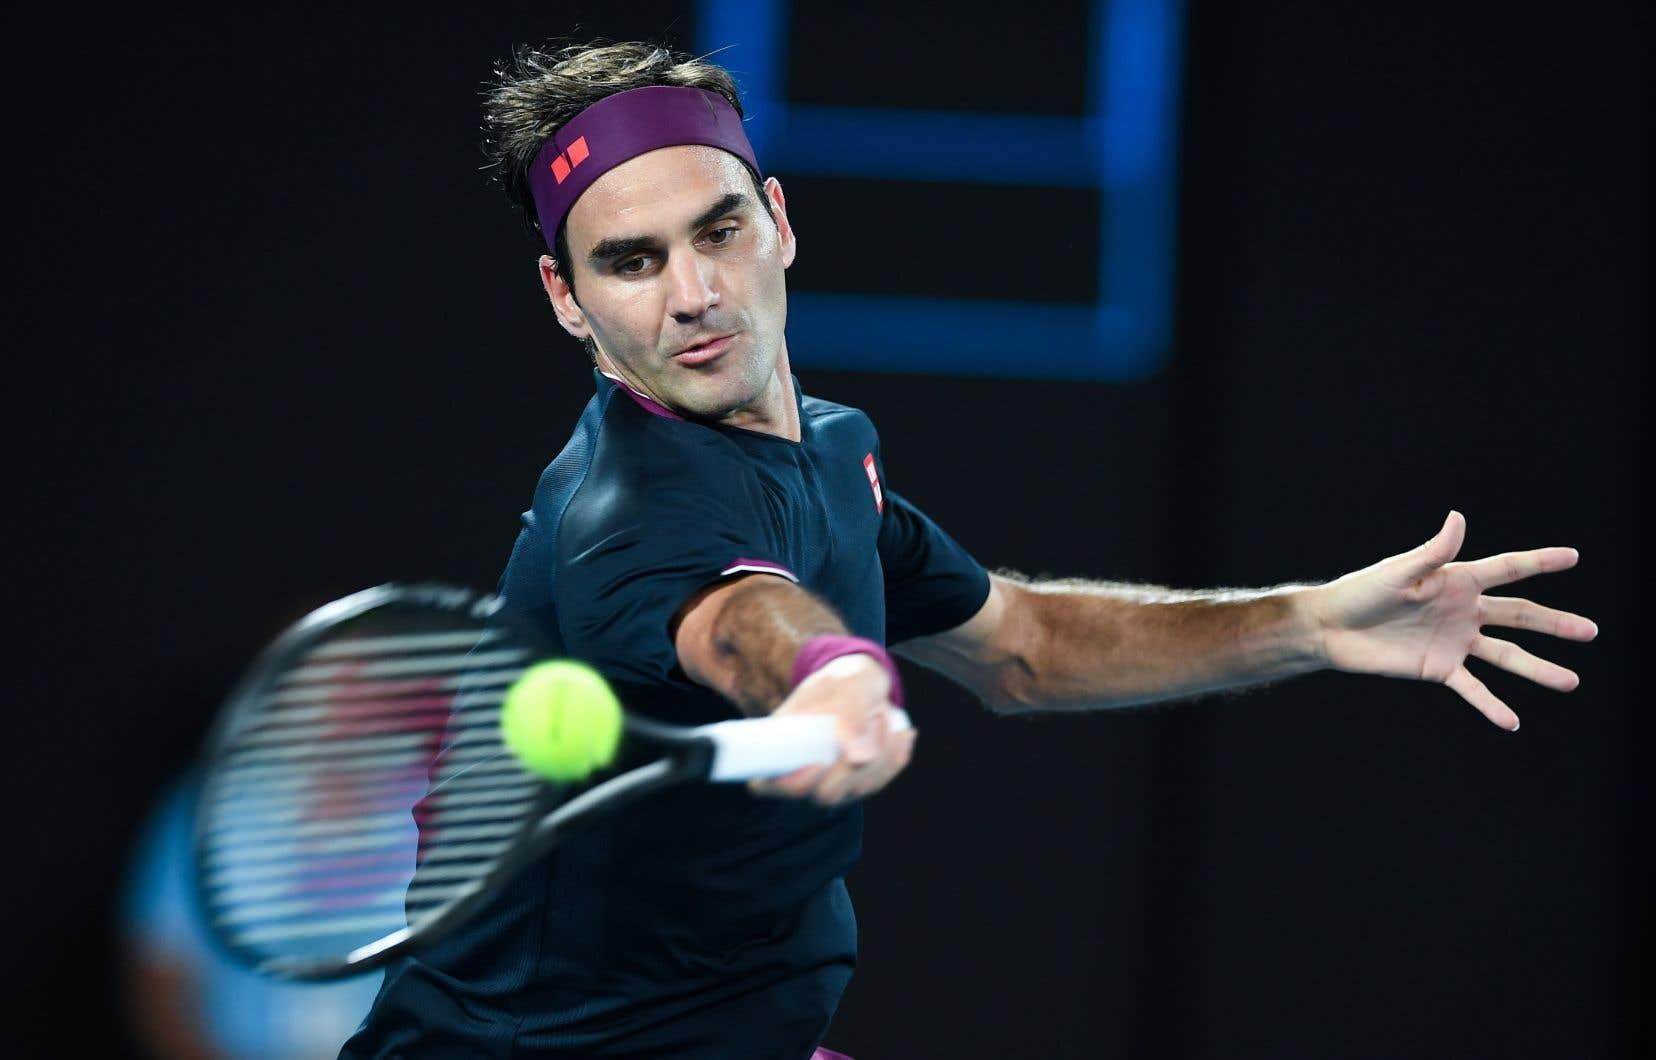 Roger Federer n'a pris part à aucun match de tournoi depuis la fin du mois de janvier, aux Internationaux d'Australie.